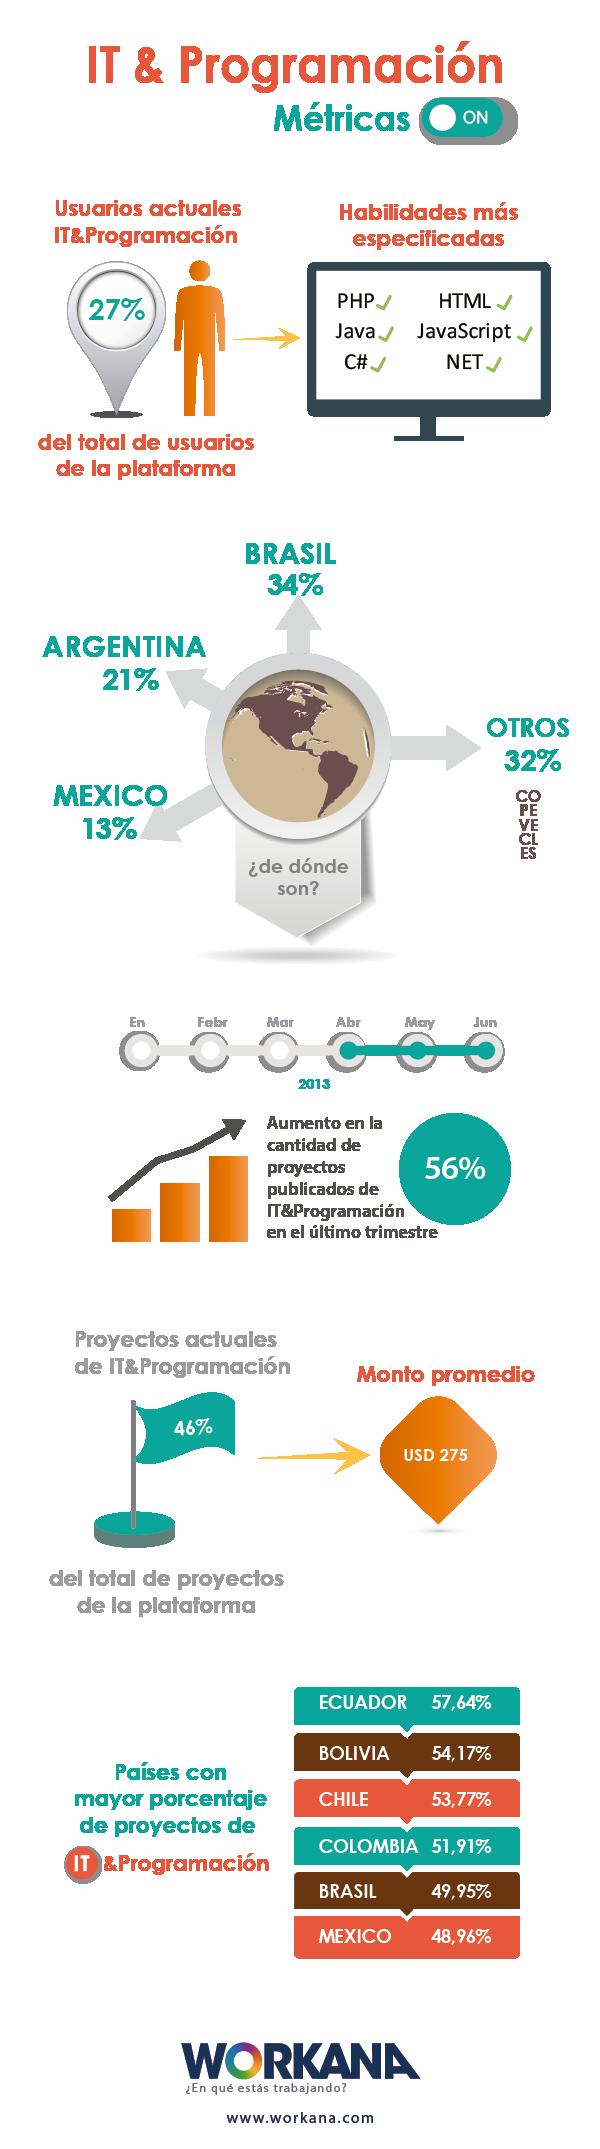 Infografía sobre IT & Programación en Workana